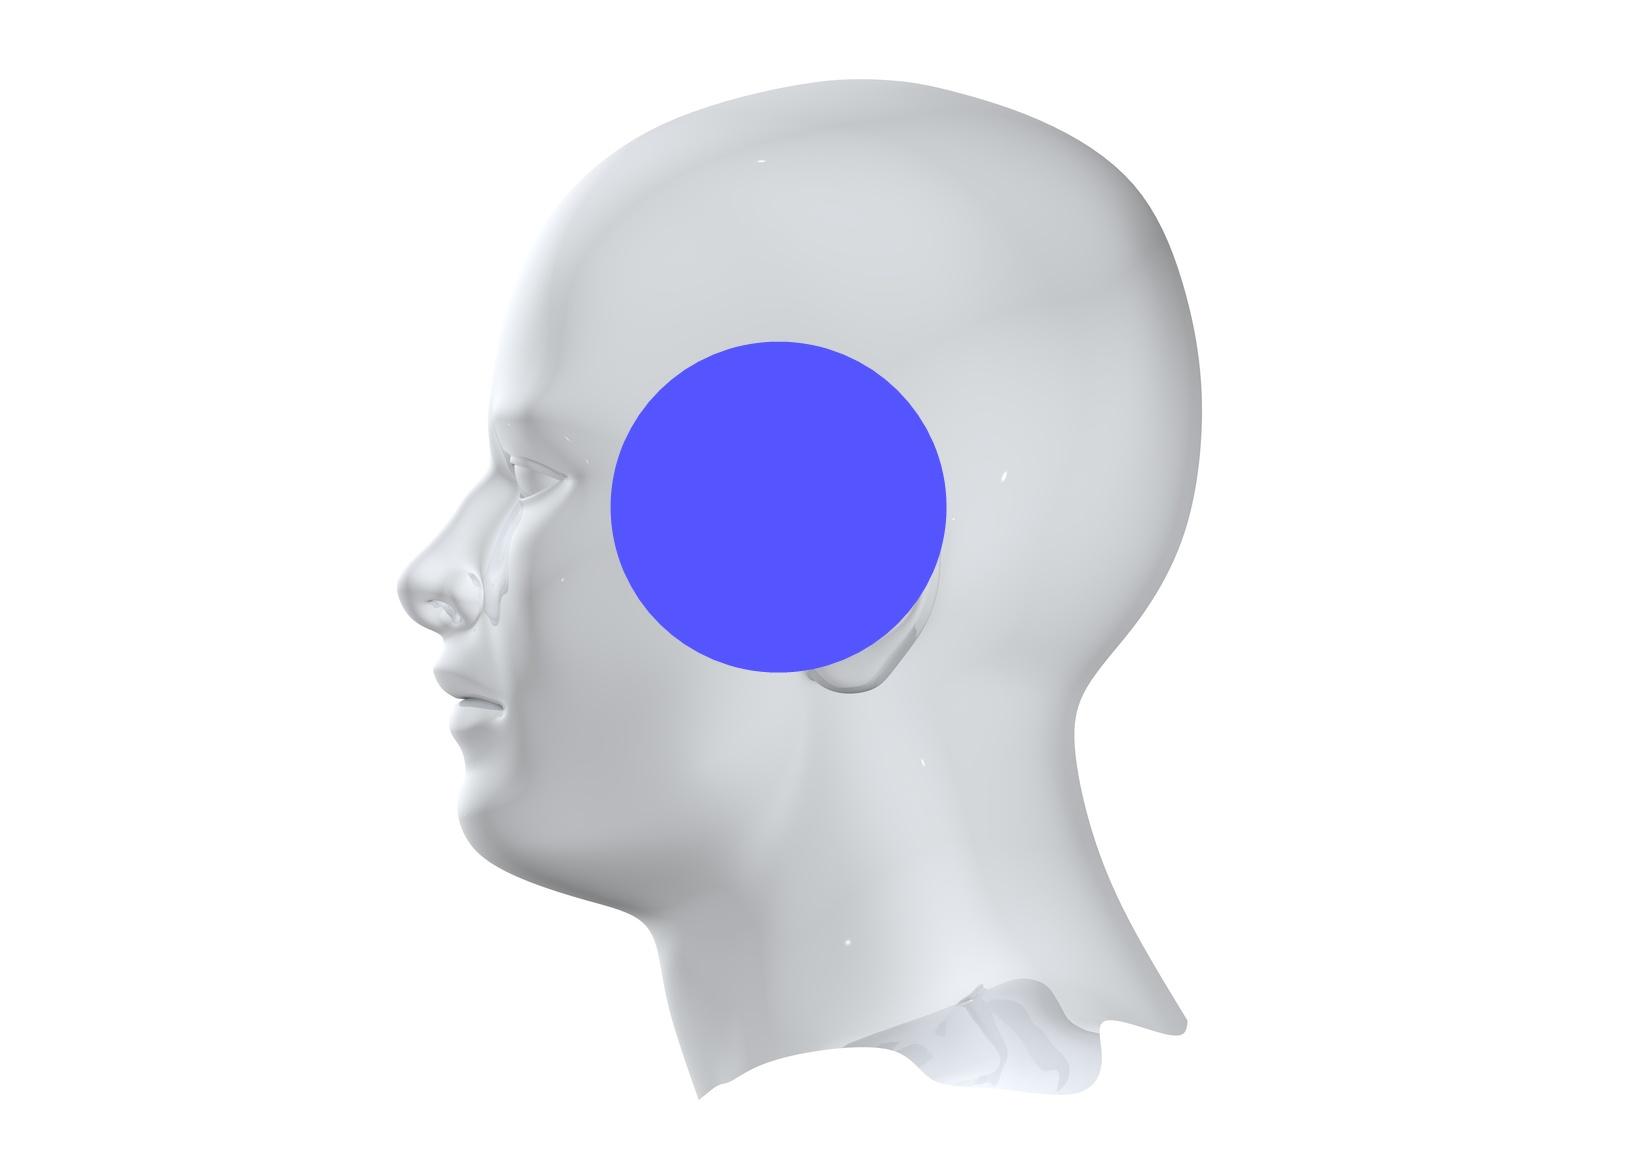 Bóle głowy ryc. 2